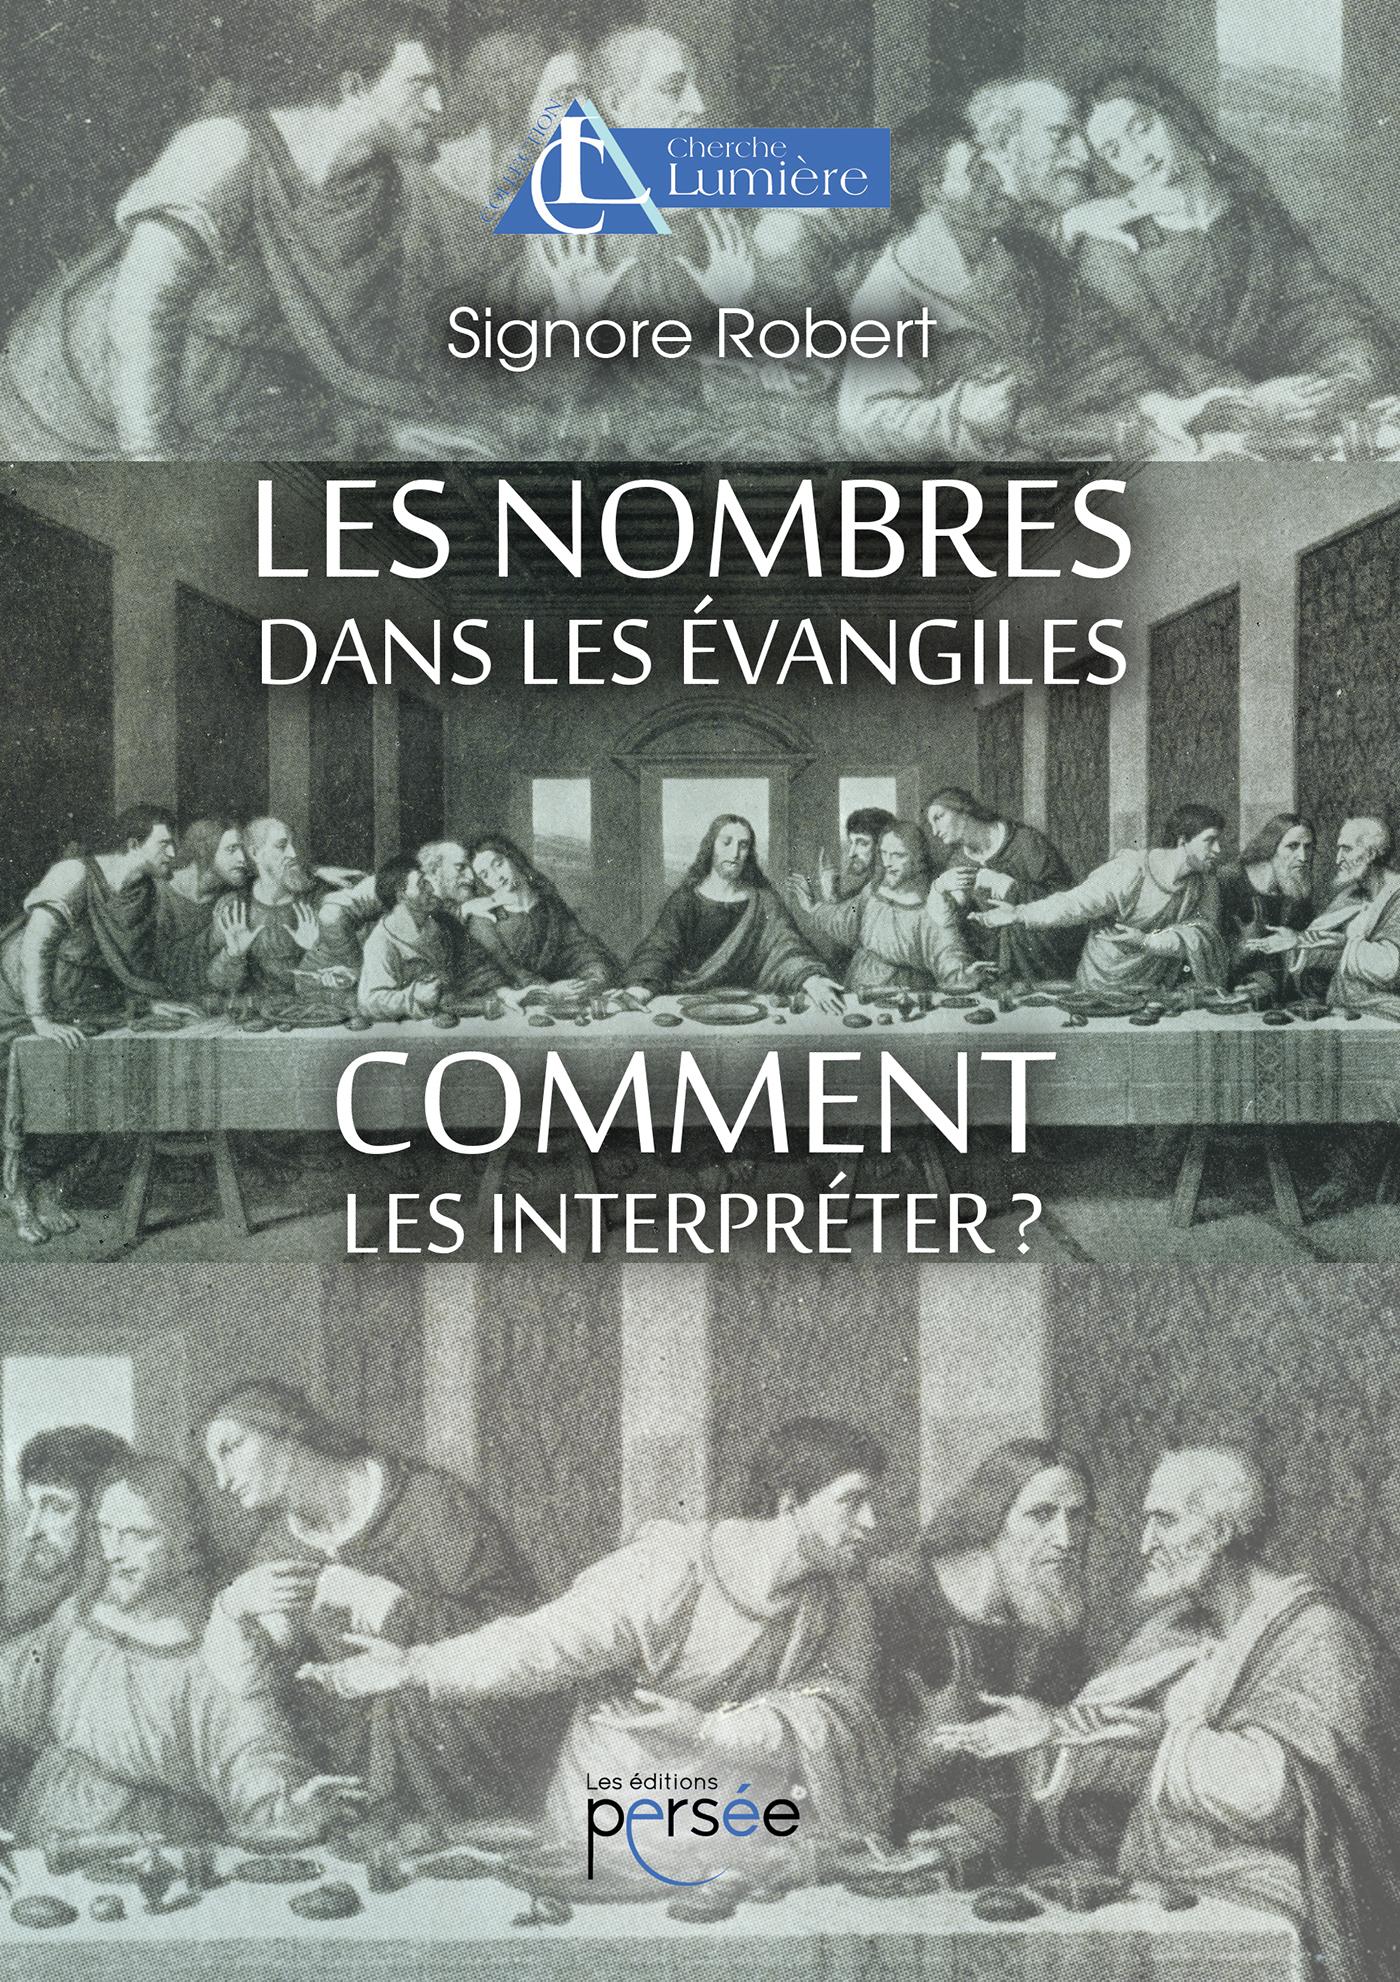 Les nombres dans les Evangiles, comment les interpréter?